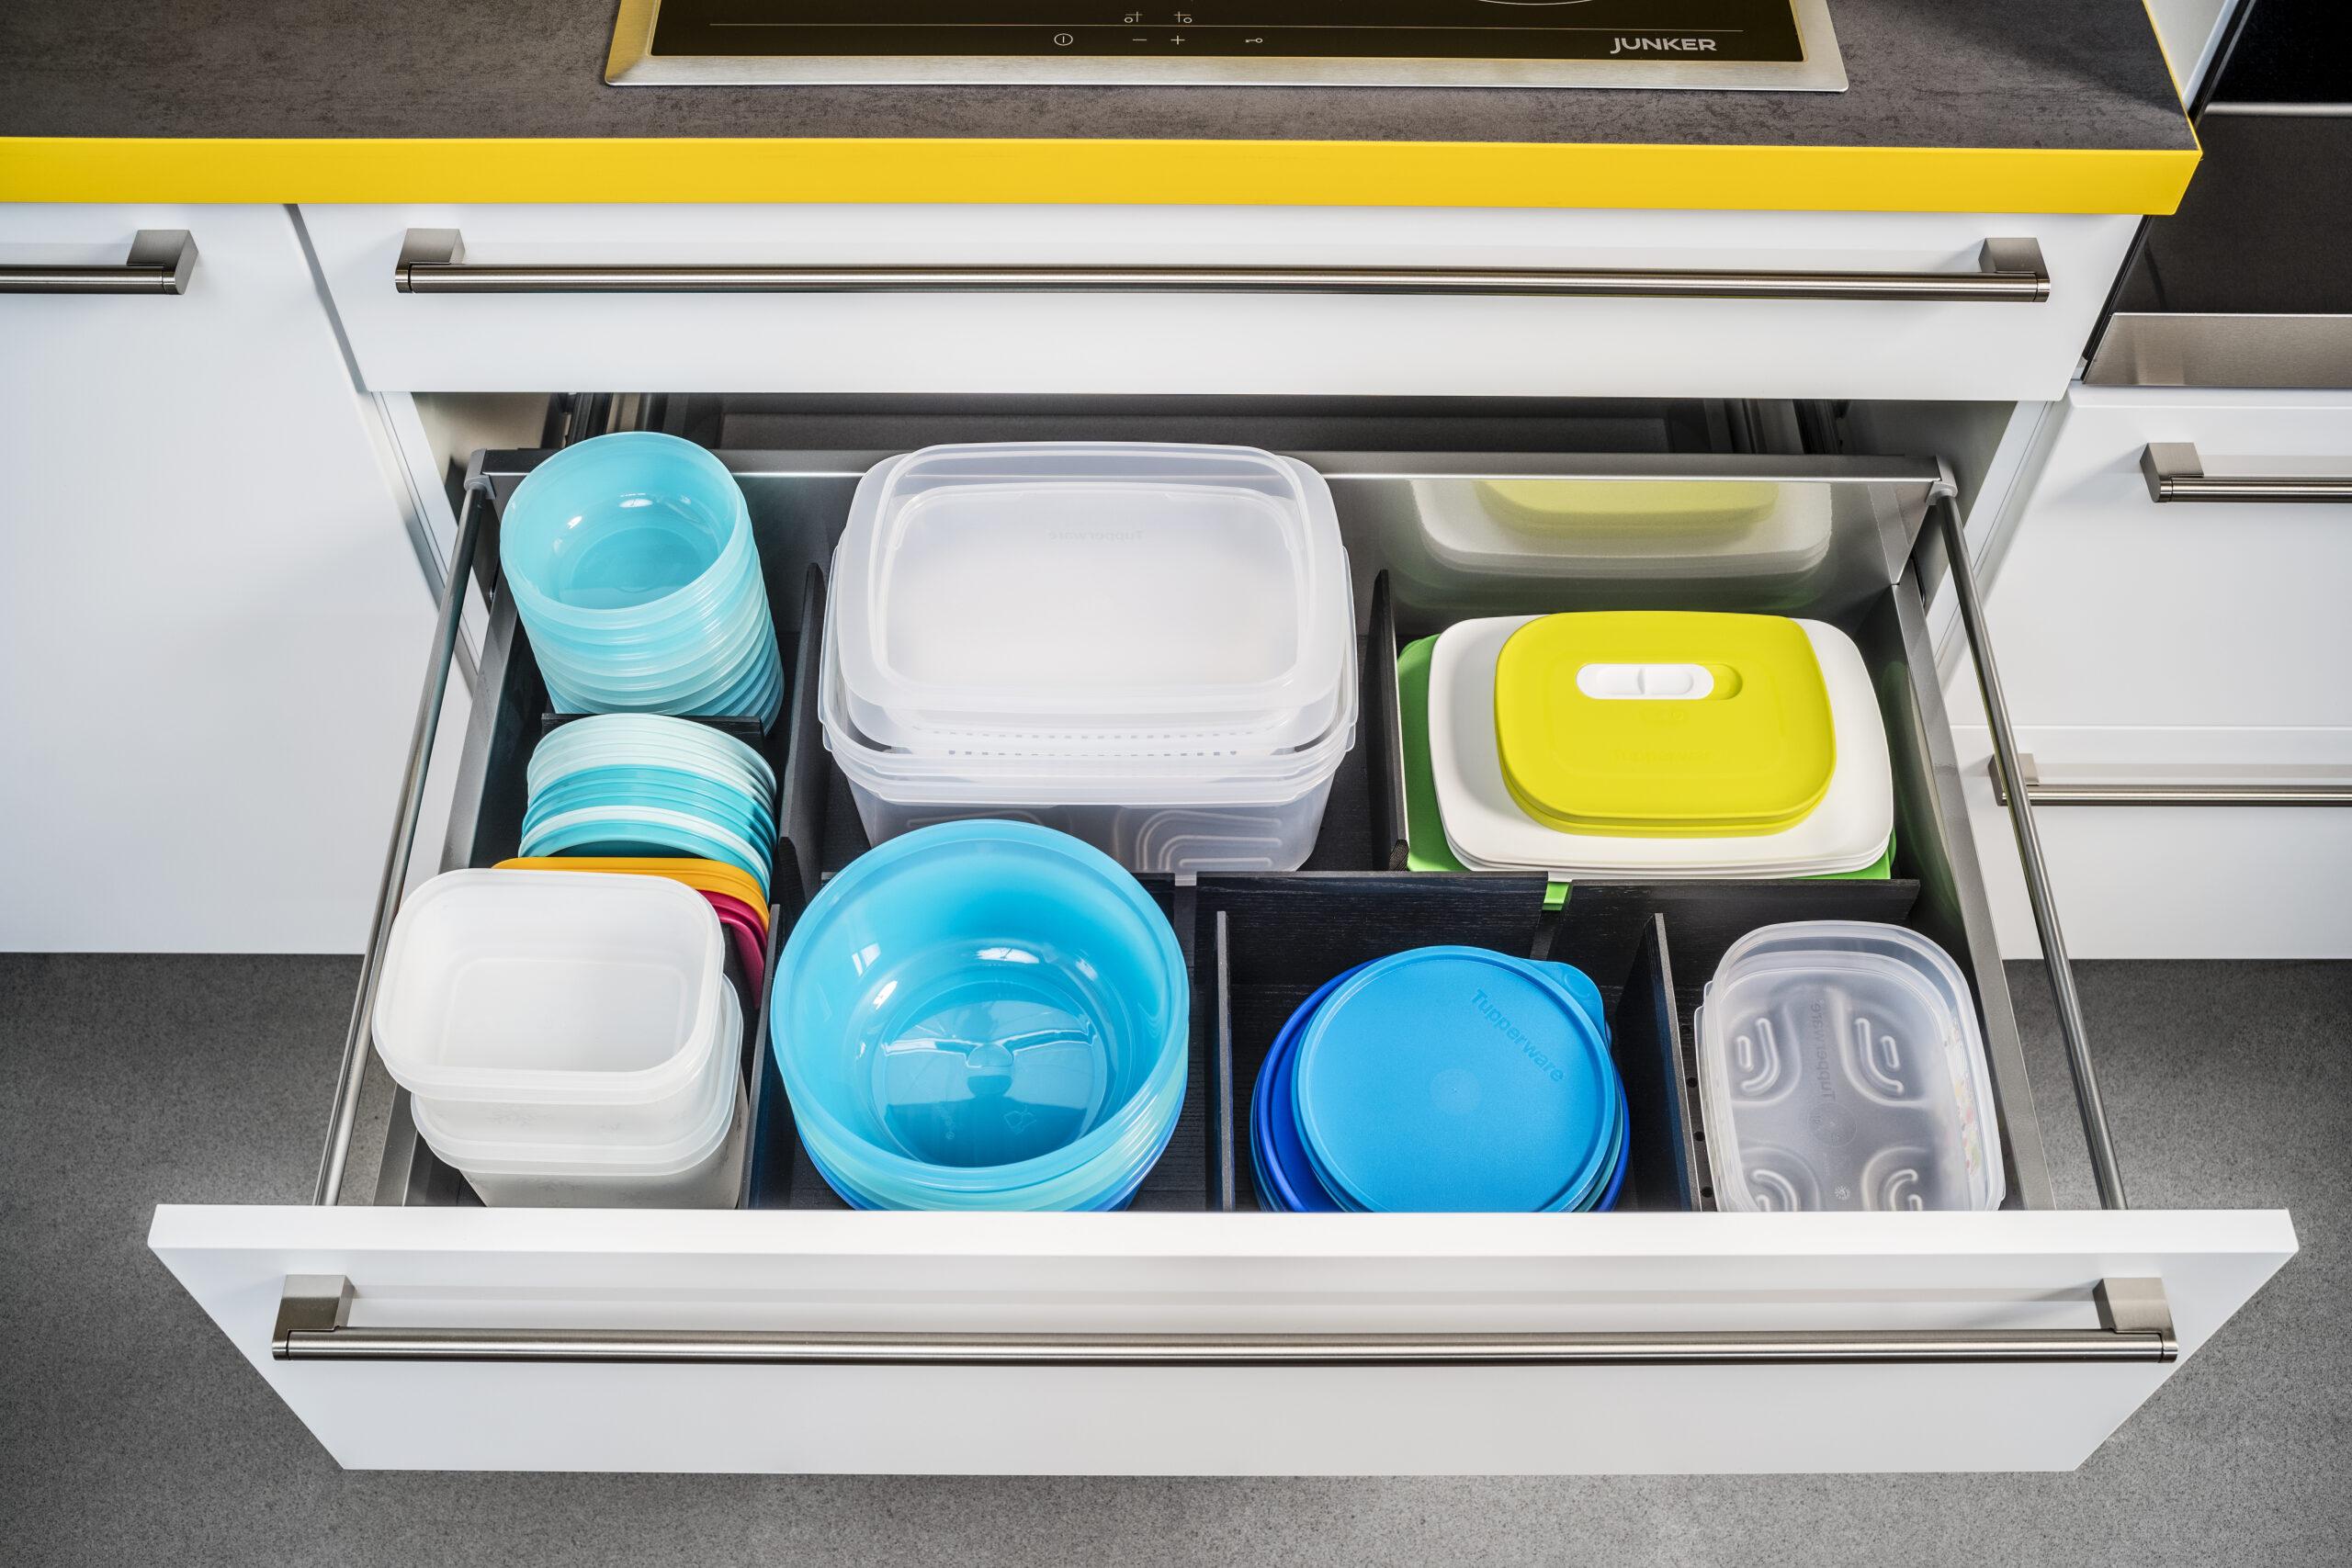 Full Size of Green Day Kche Designed Fr Tupperware Kcheco Aufbewahrungsbehälter Küche Küchen Regal Wohnzimmer Küchen Aufbewahrungsbehälter